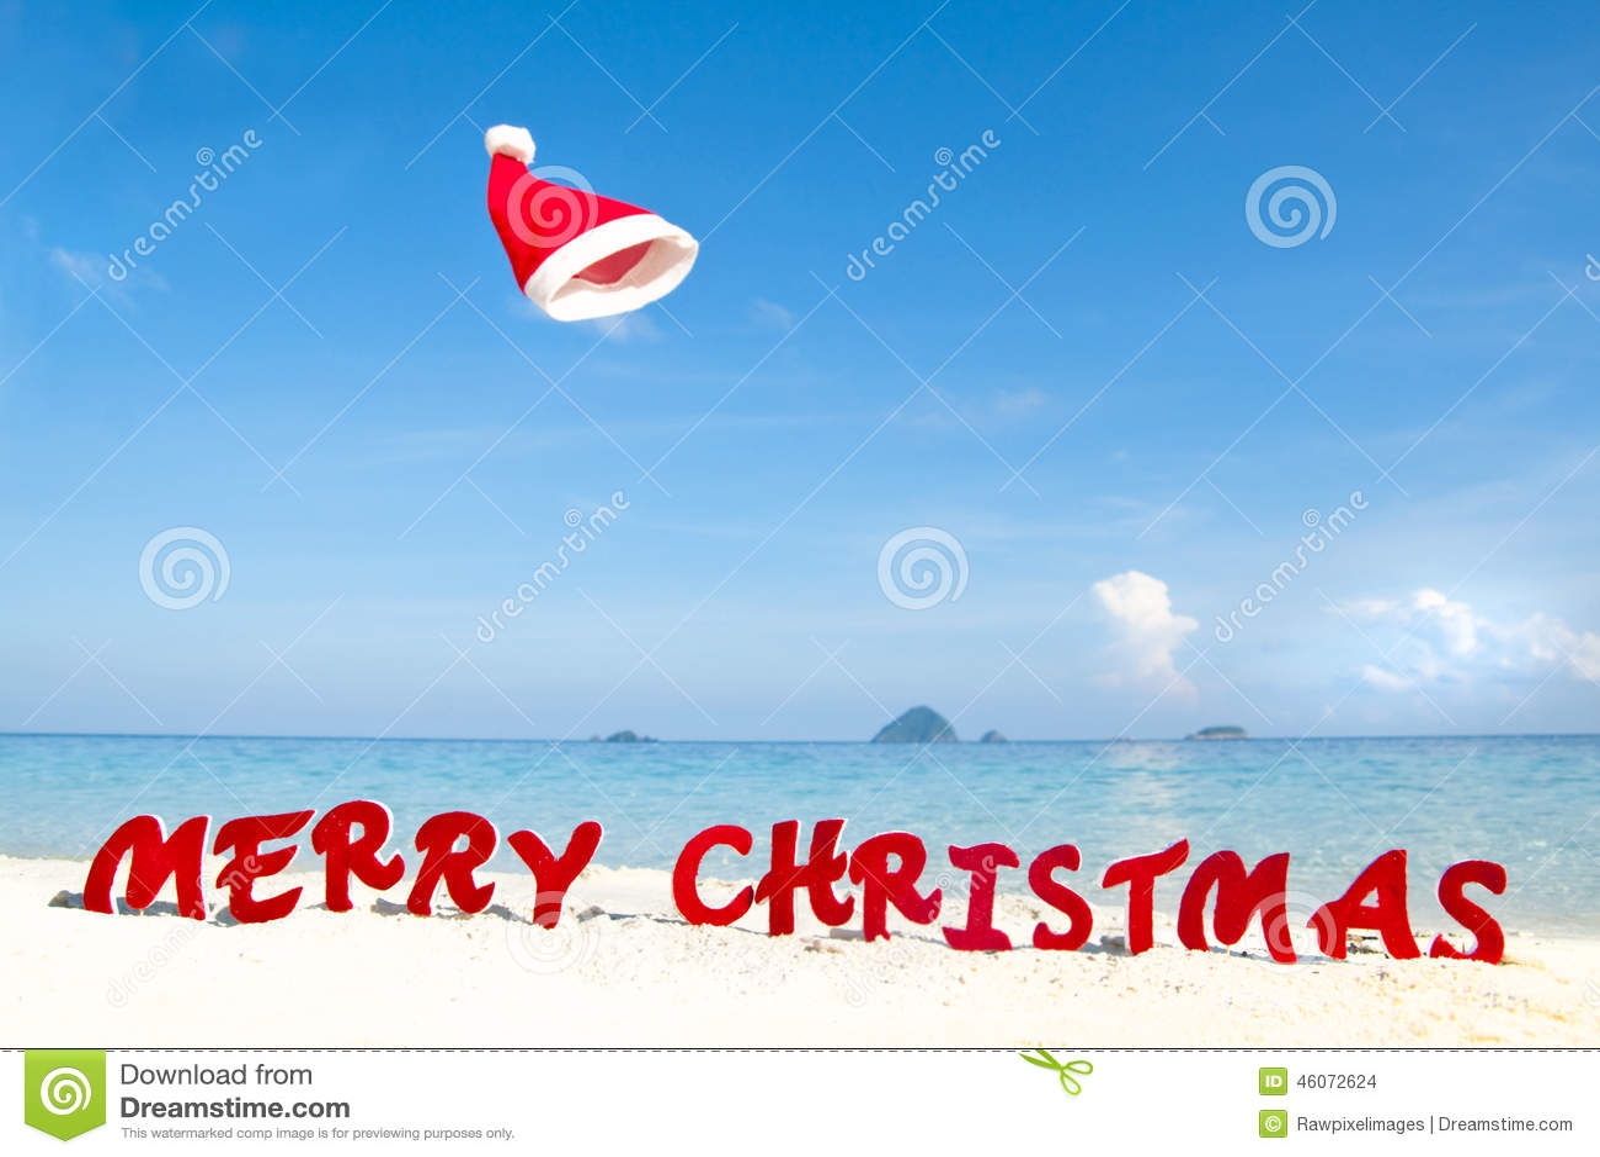 merry christmas on the beach theme - Christmas On The Beach